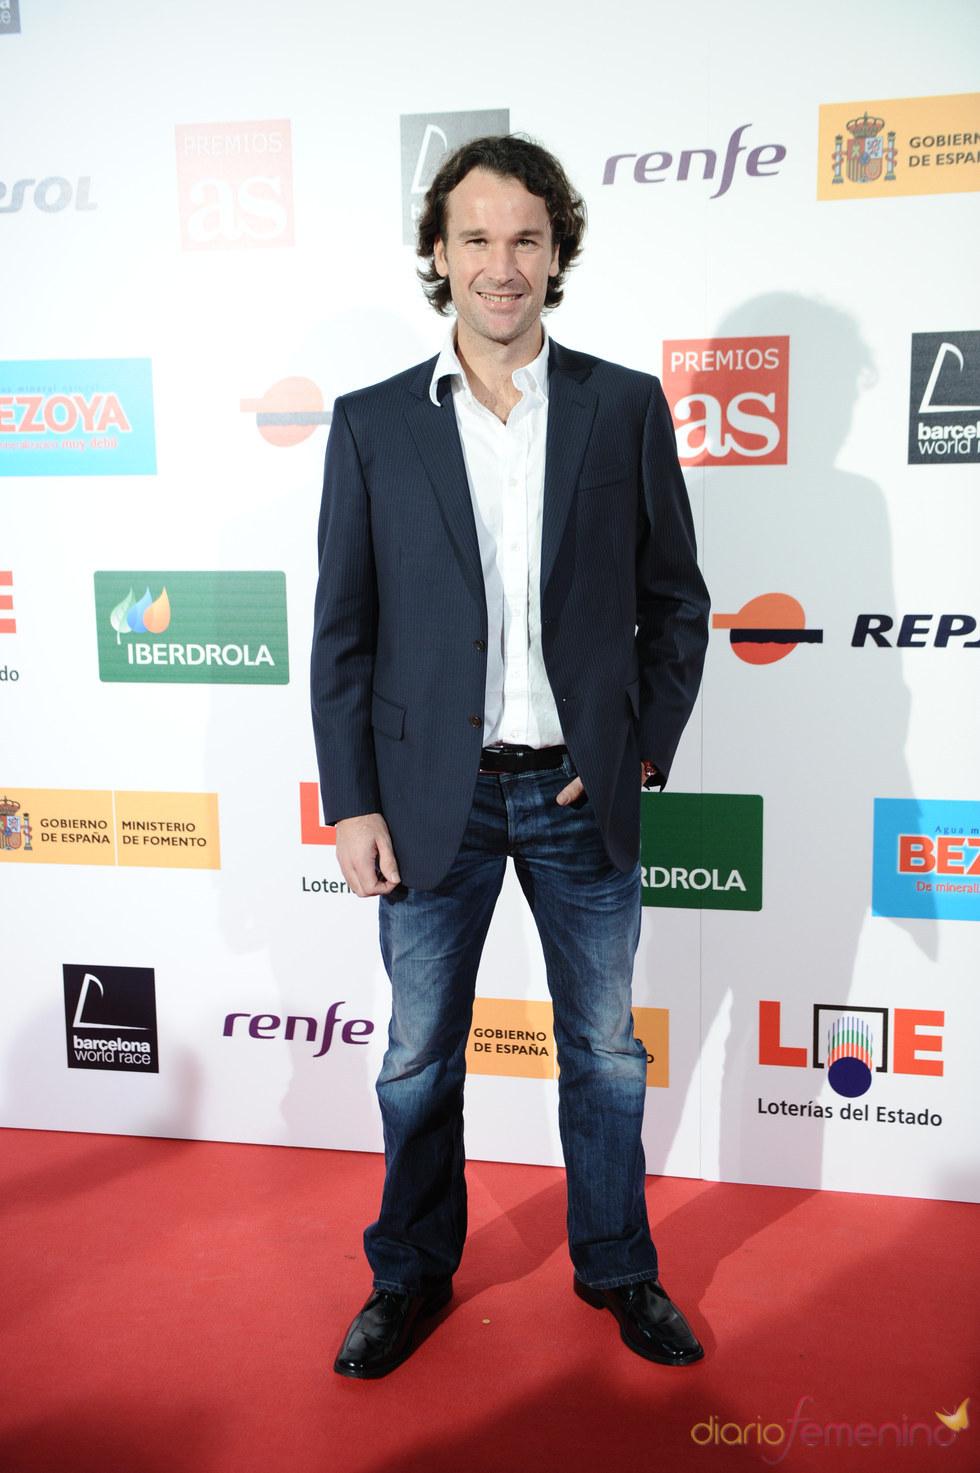 Carlos Moya en los Premios As del Deporte 2010